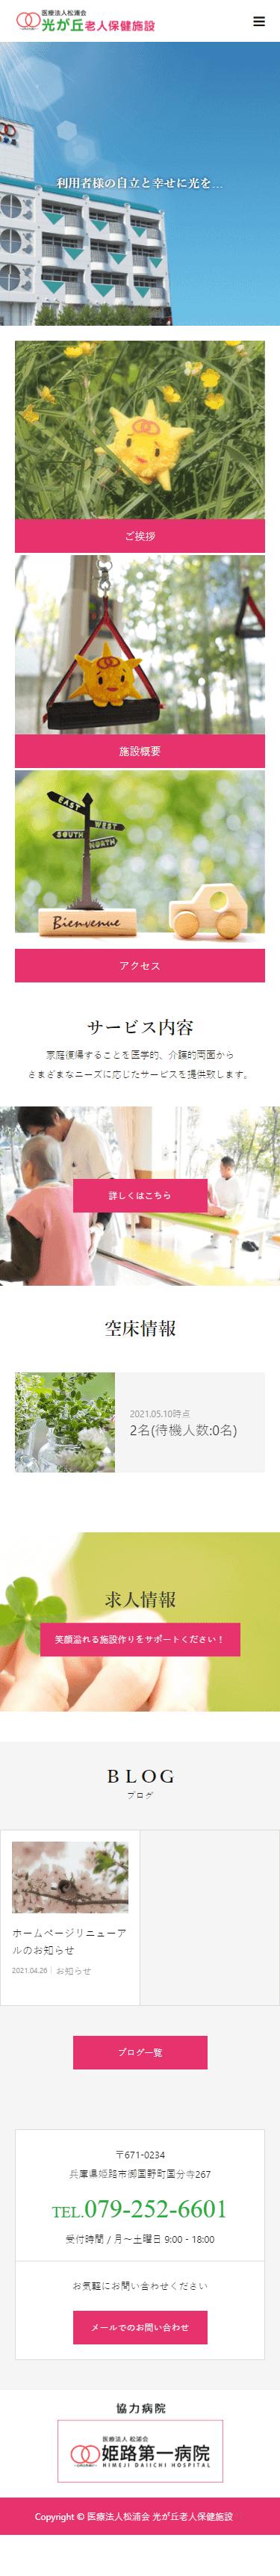 姫路市 光が丘老人保健施設 ホームページ制作3